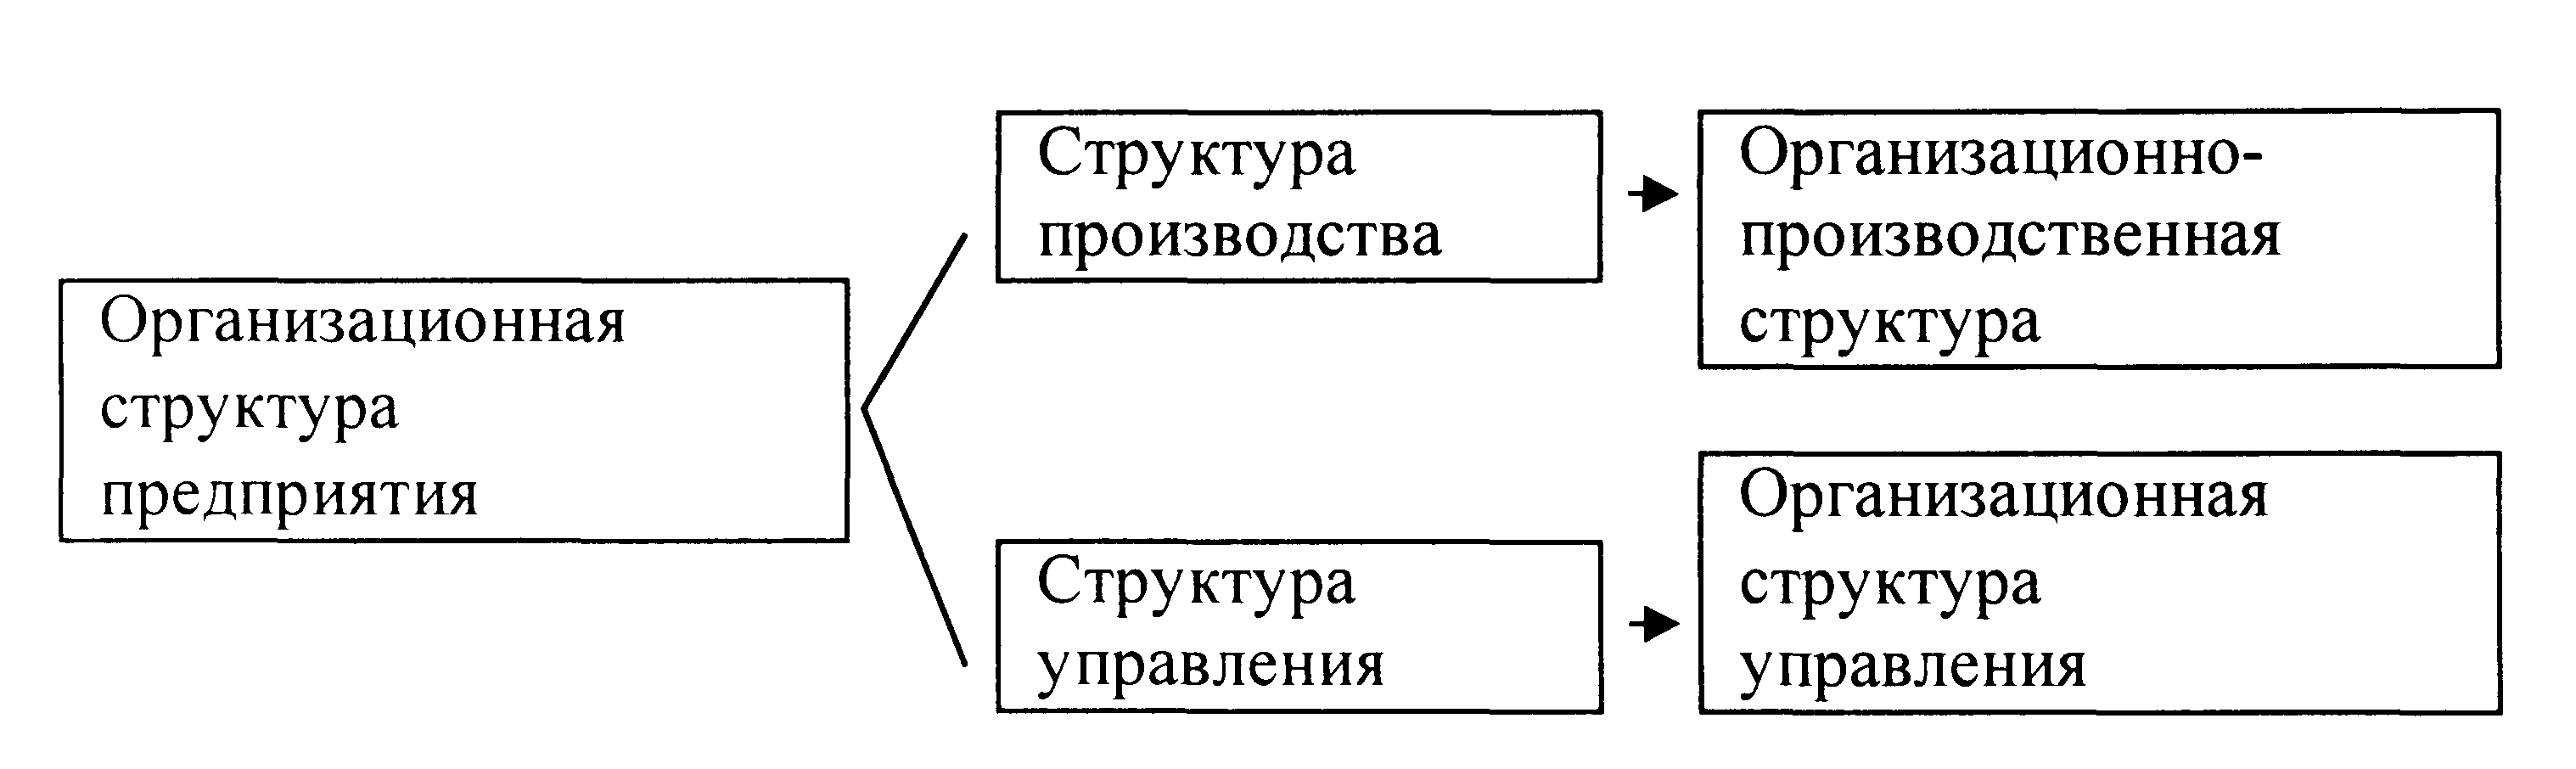 Организационно производственная структура предприятия схема